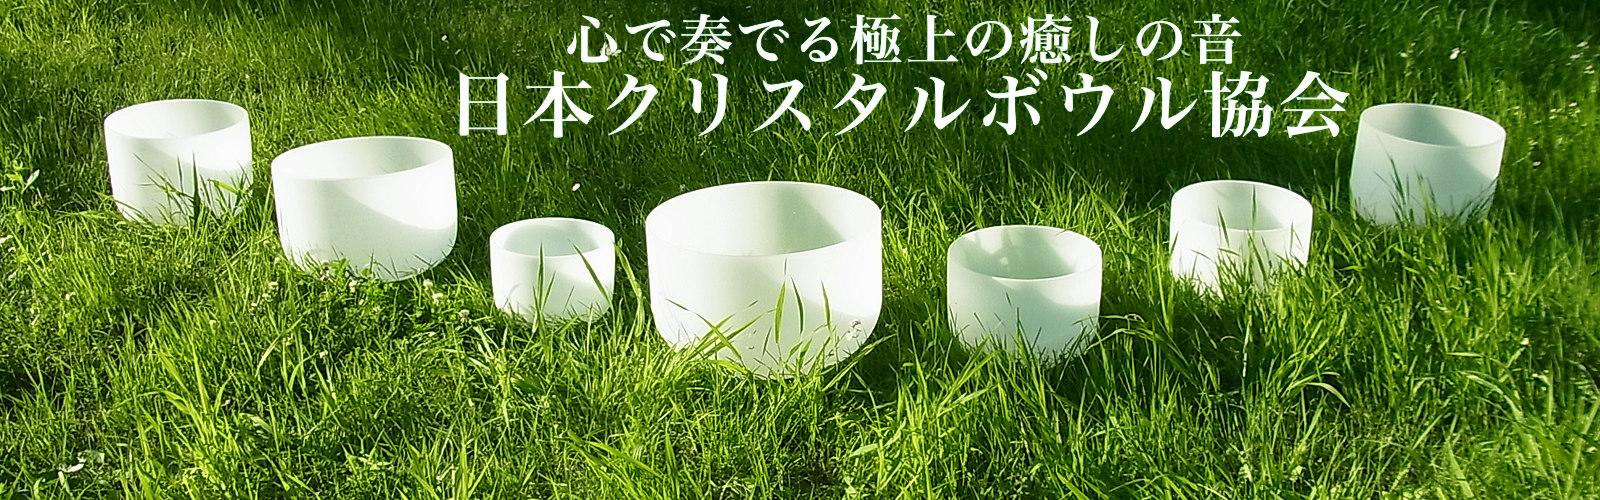 心で奏でる極上の癒しの音、日本クリスタルボウル協会